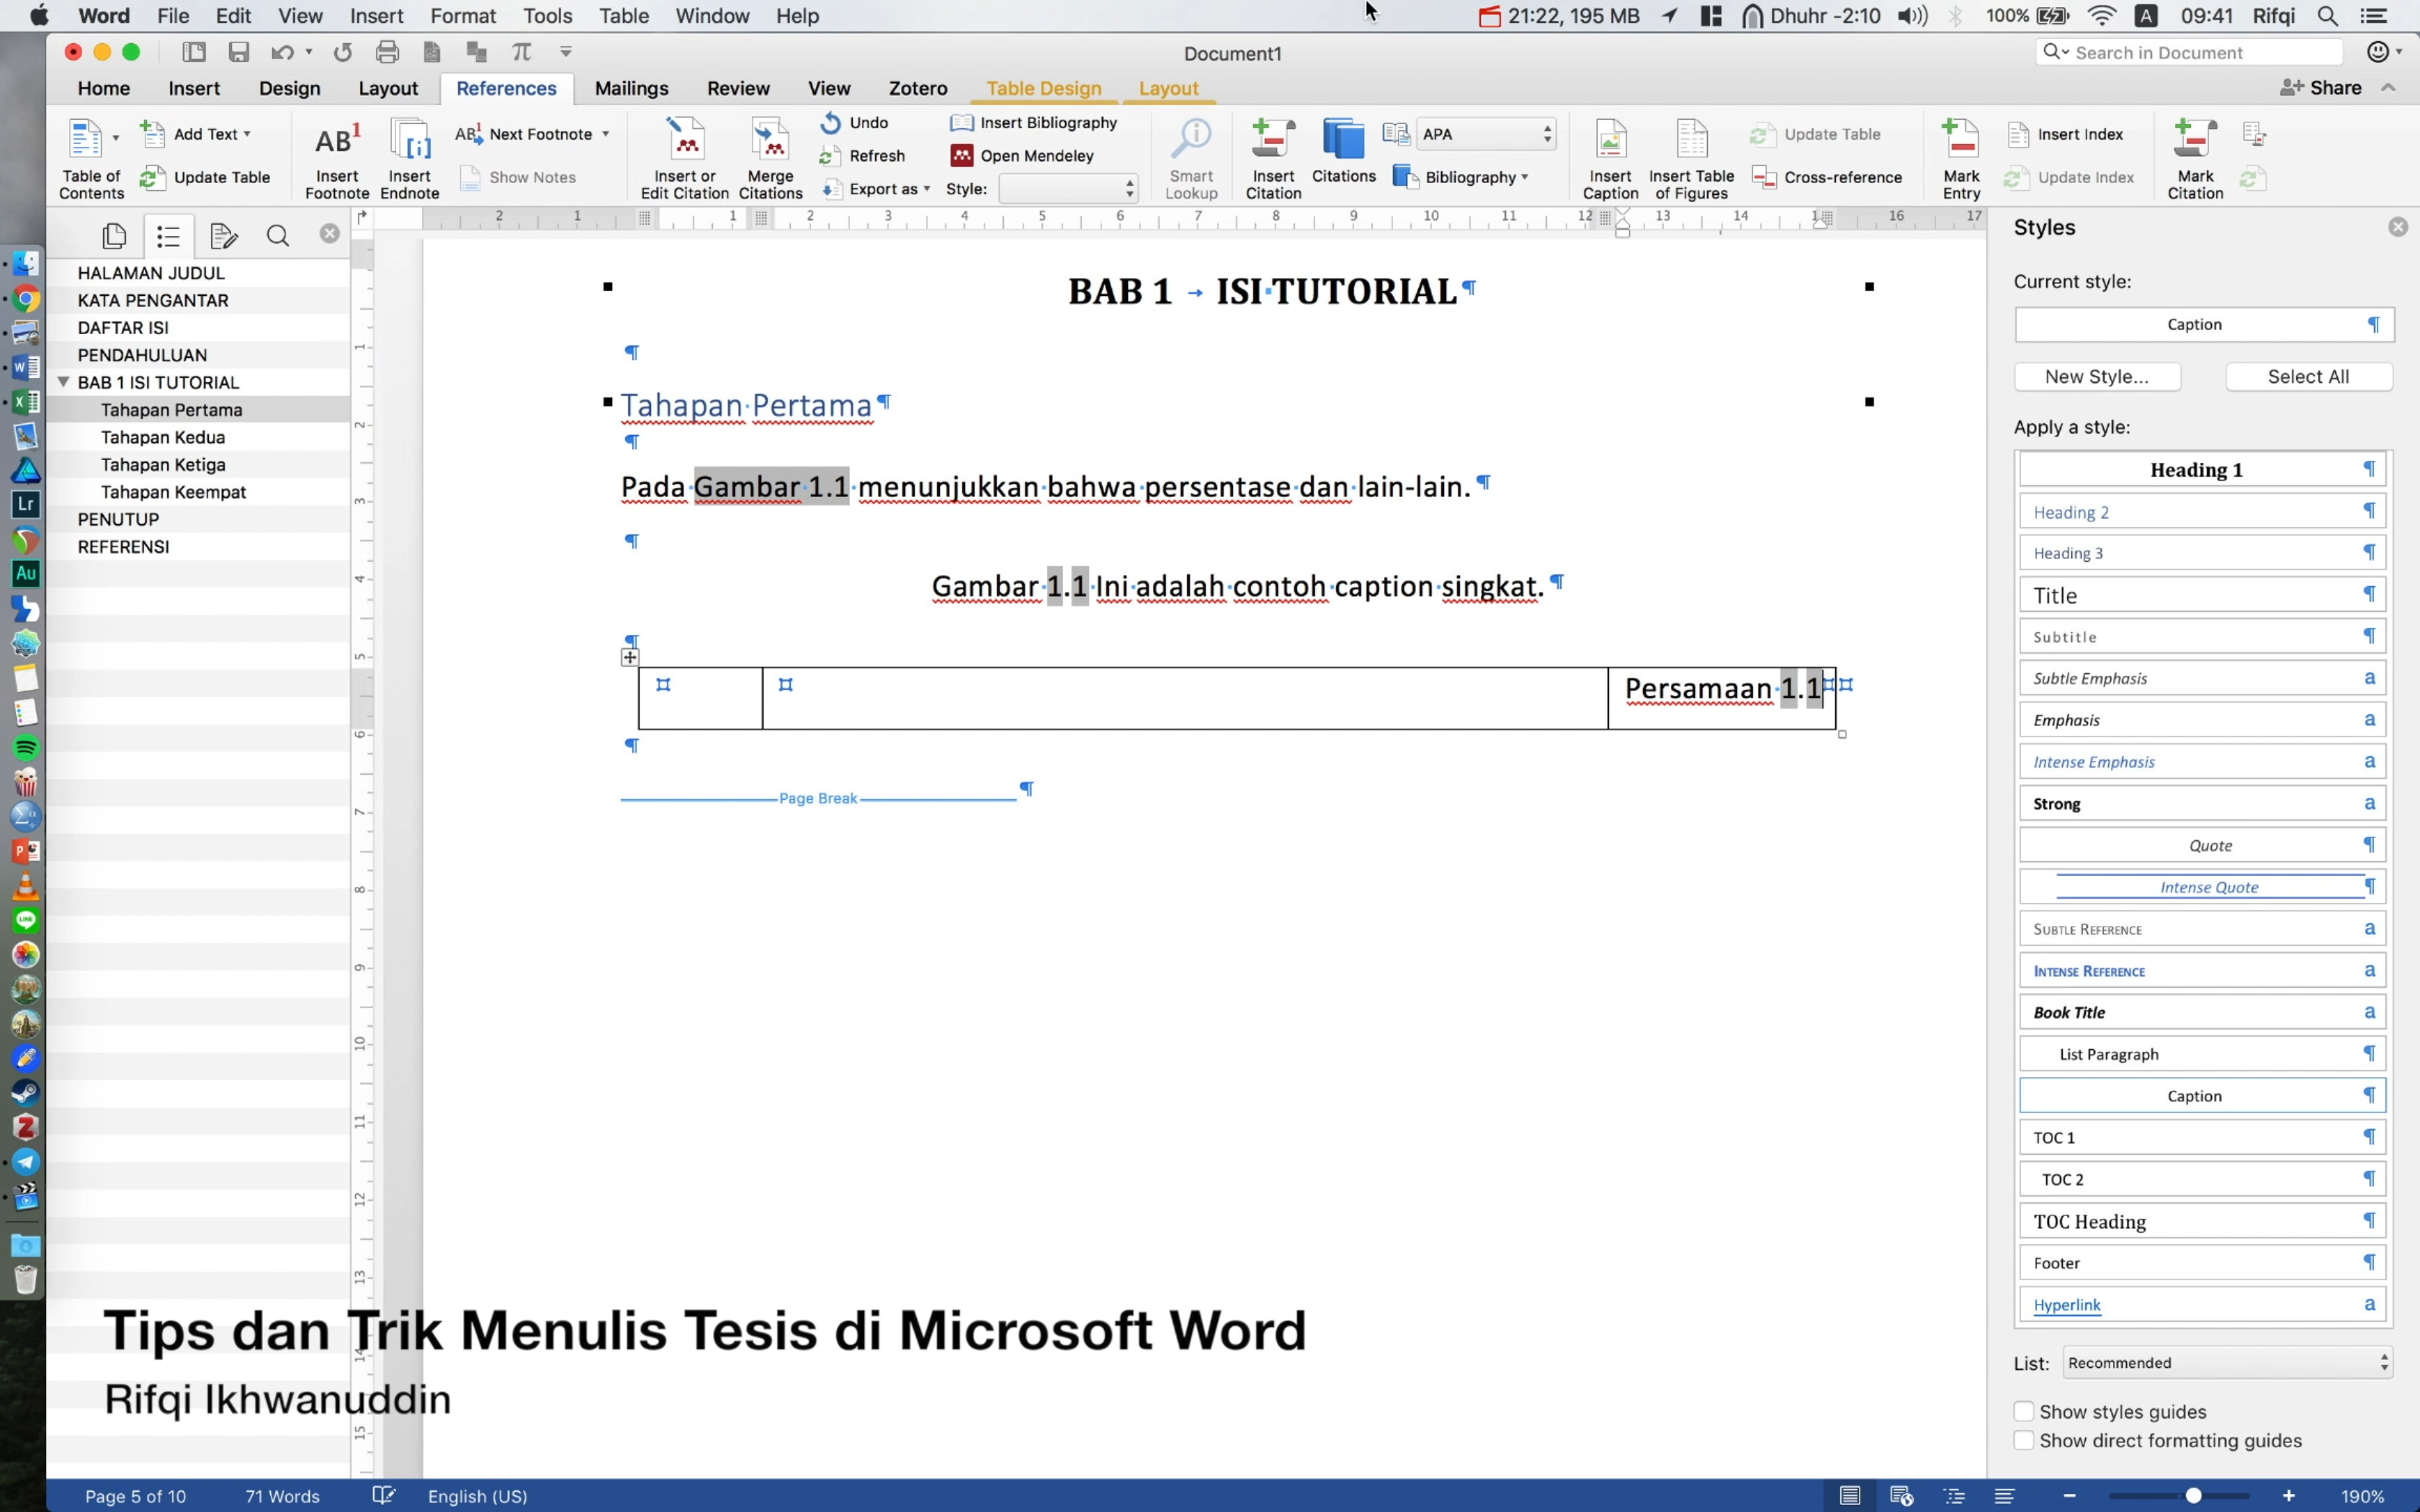 Tips dan Trik Menulis Tesis di Mac Microsoft Word 2016